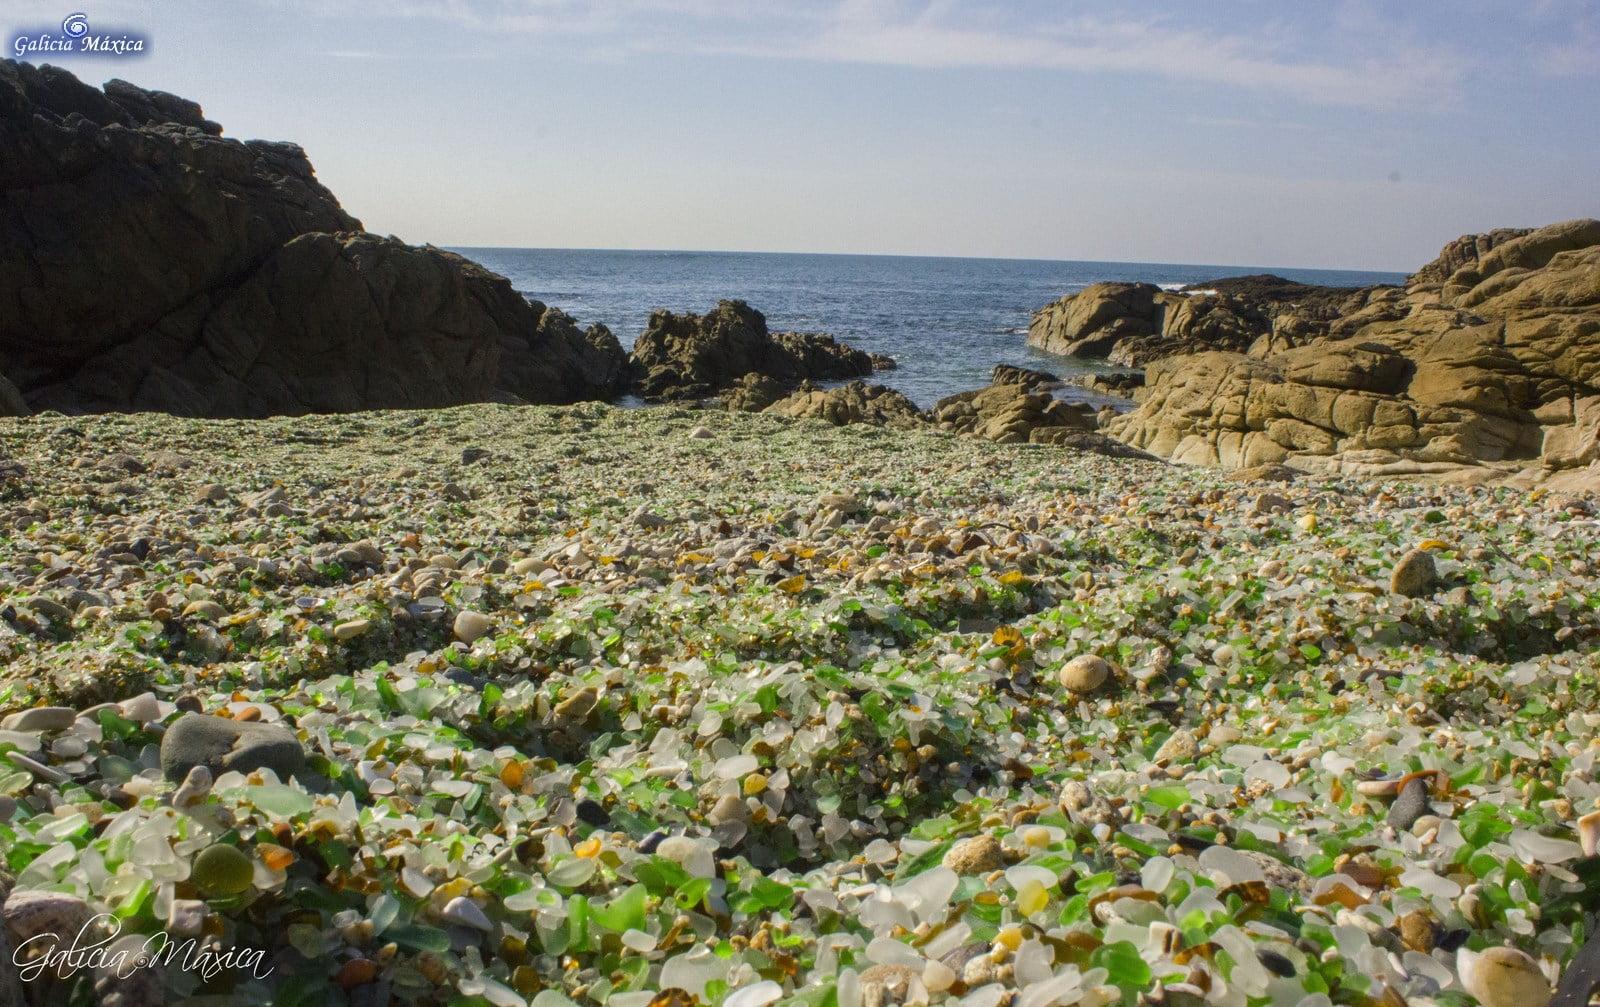 Playa de los Cristales - Laxe